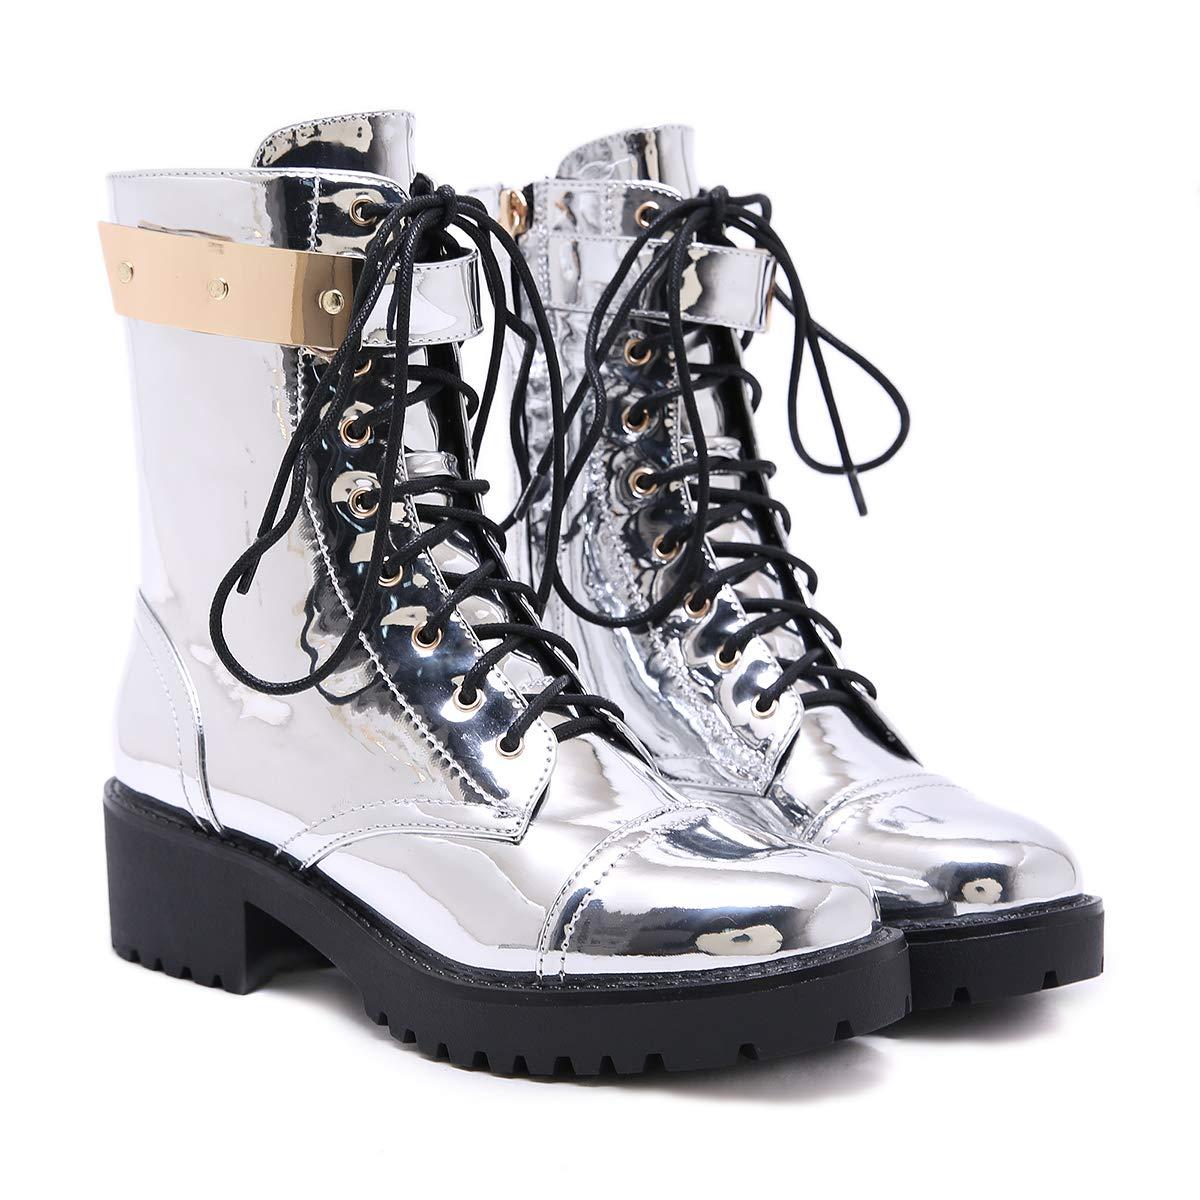 Stupmary, Damen Stiefel Stiefel Stiefel & Stiefeletten  b7c662